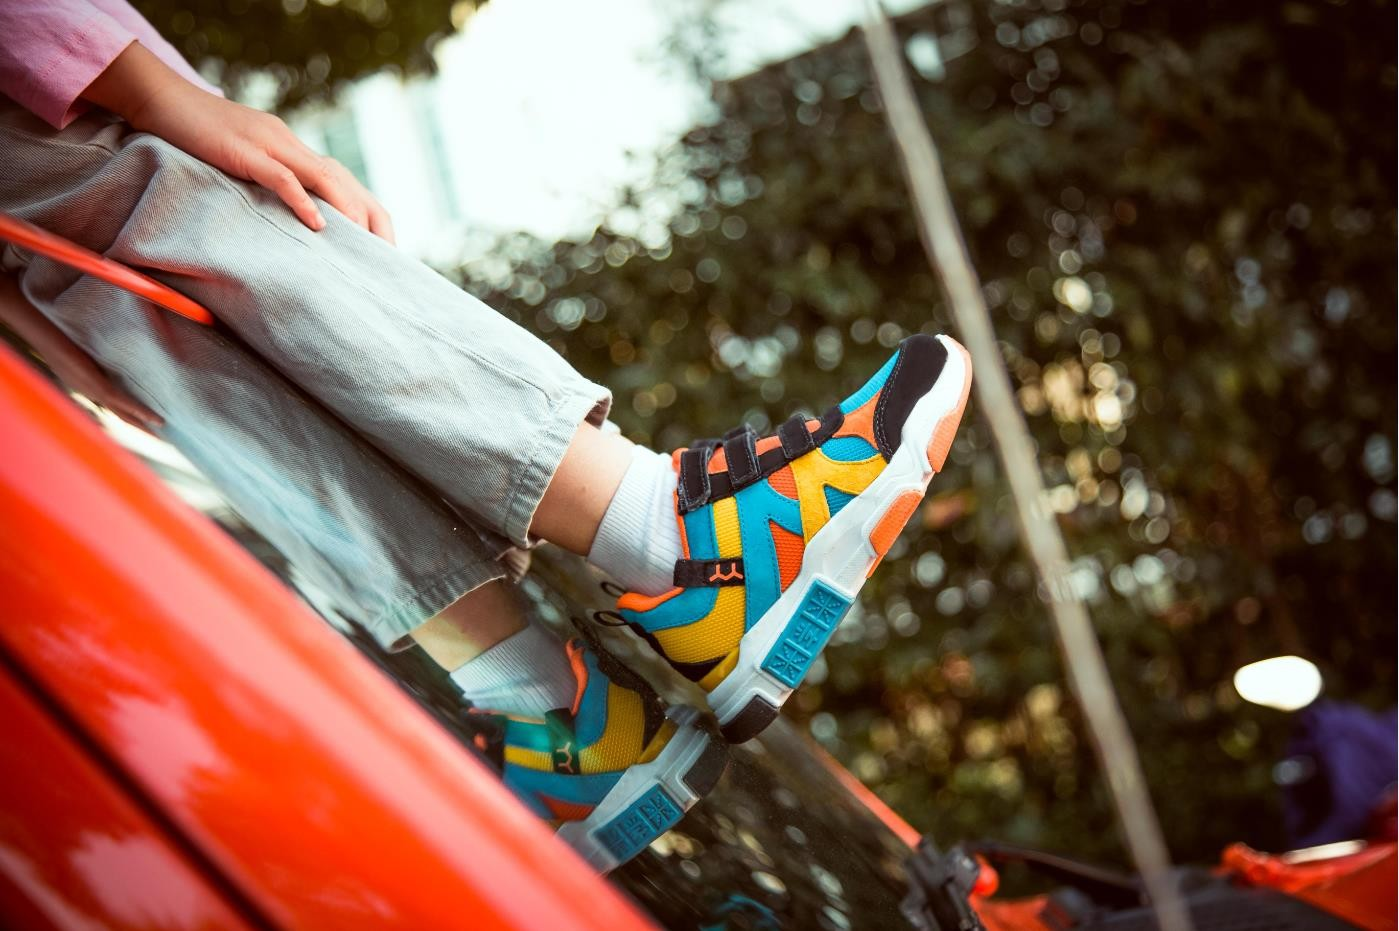 BANDZ班队长学系列学汉字款强势登场,创领童鞋时尚潮流